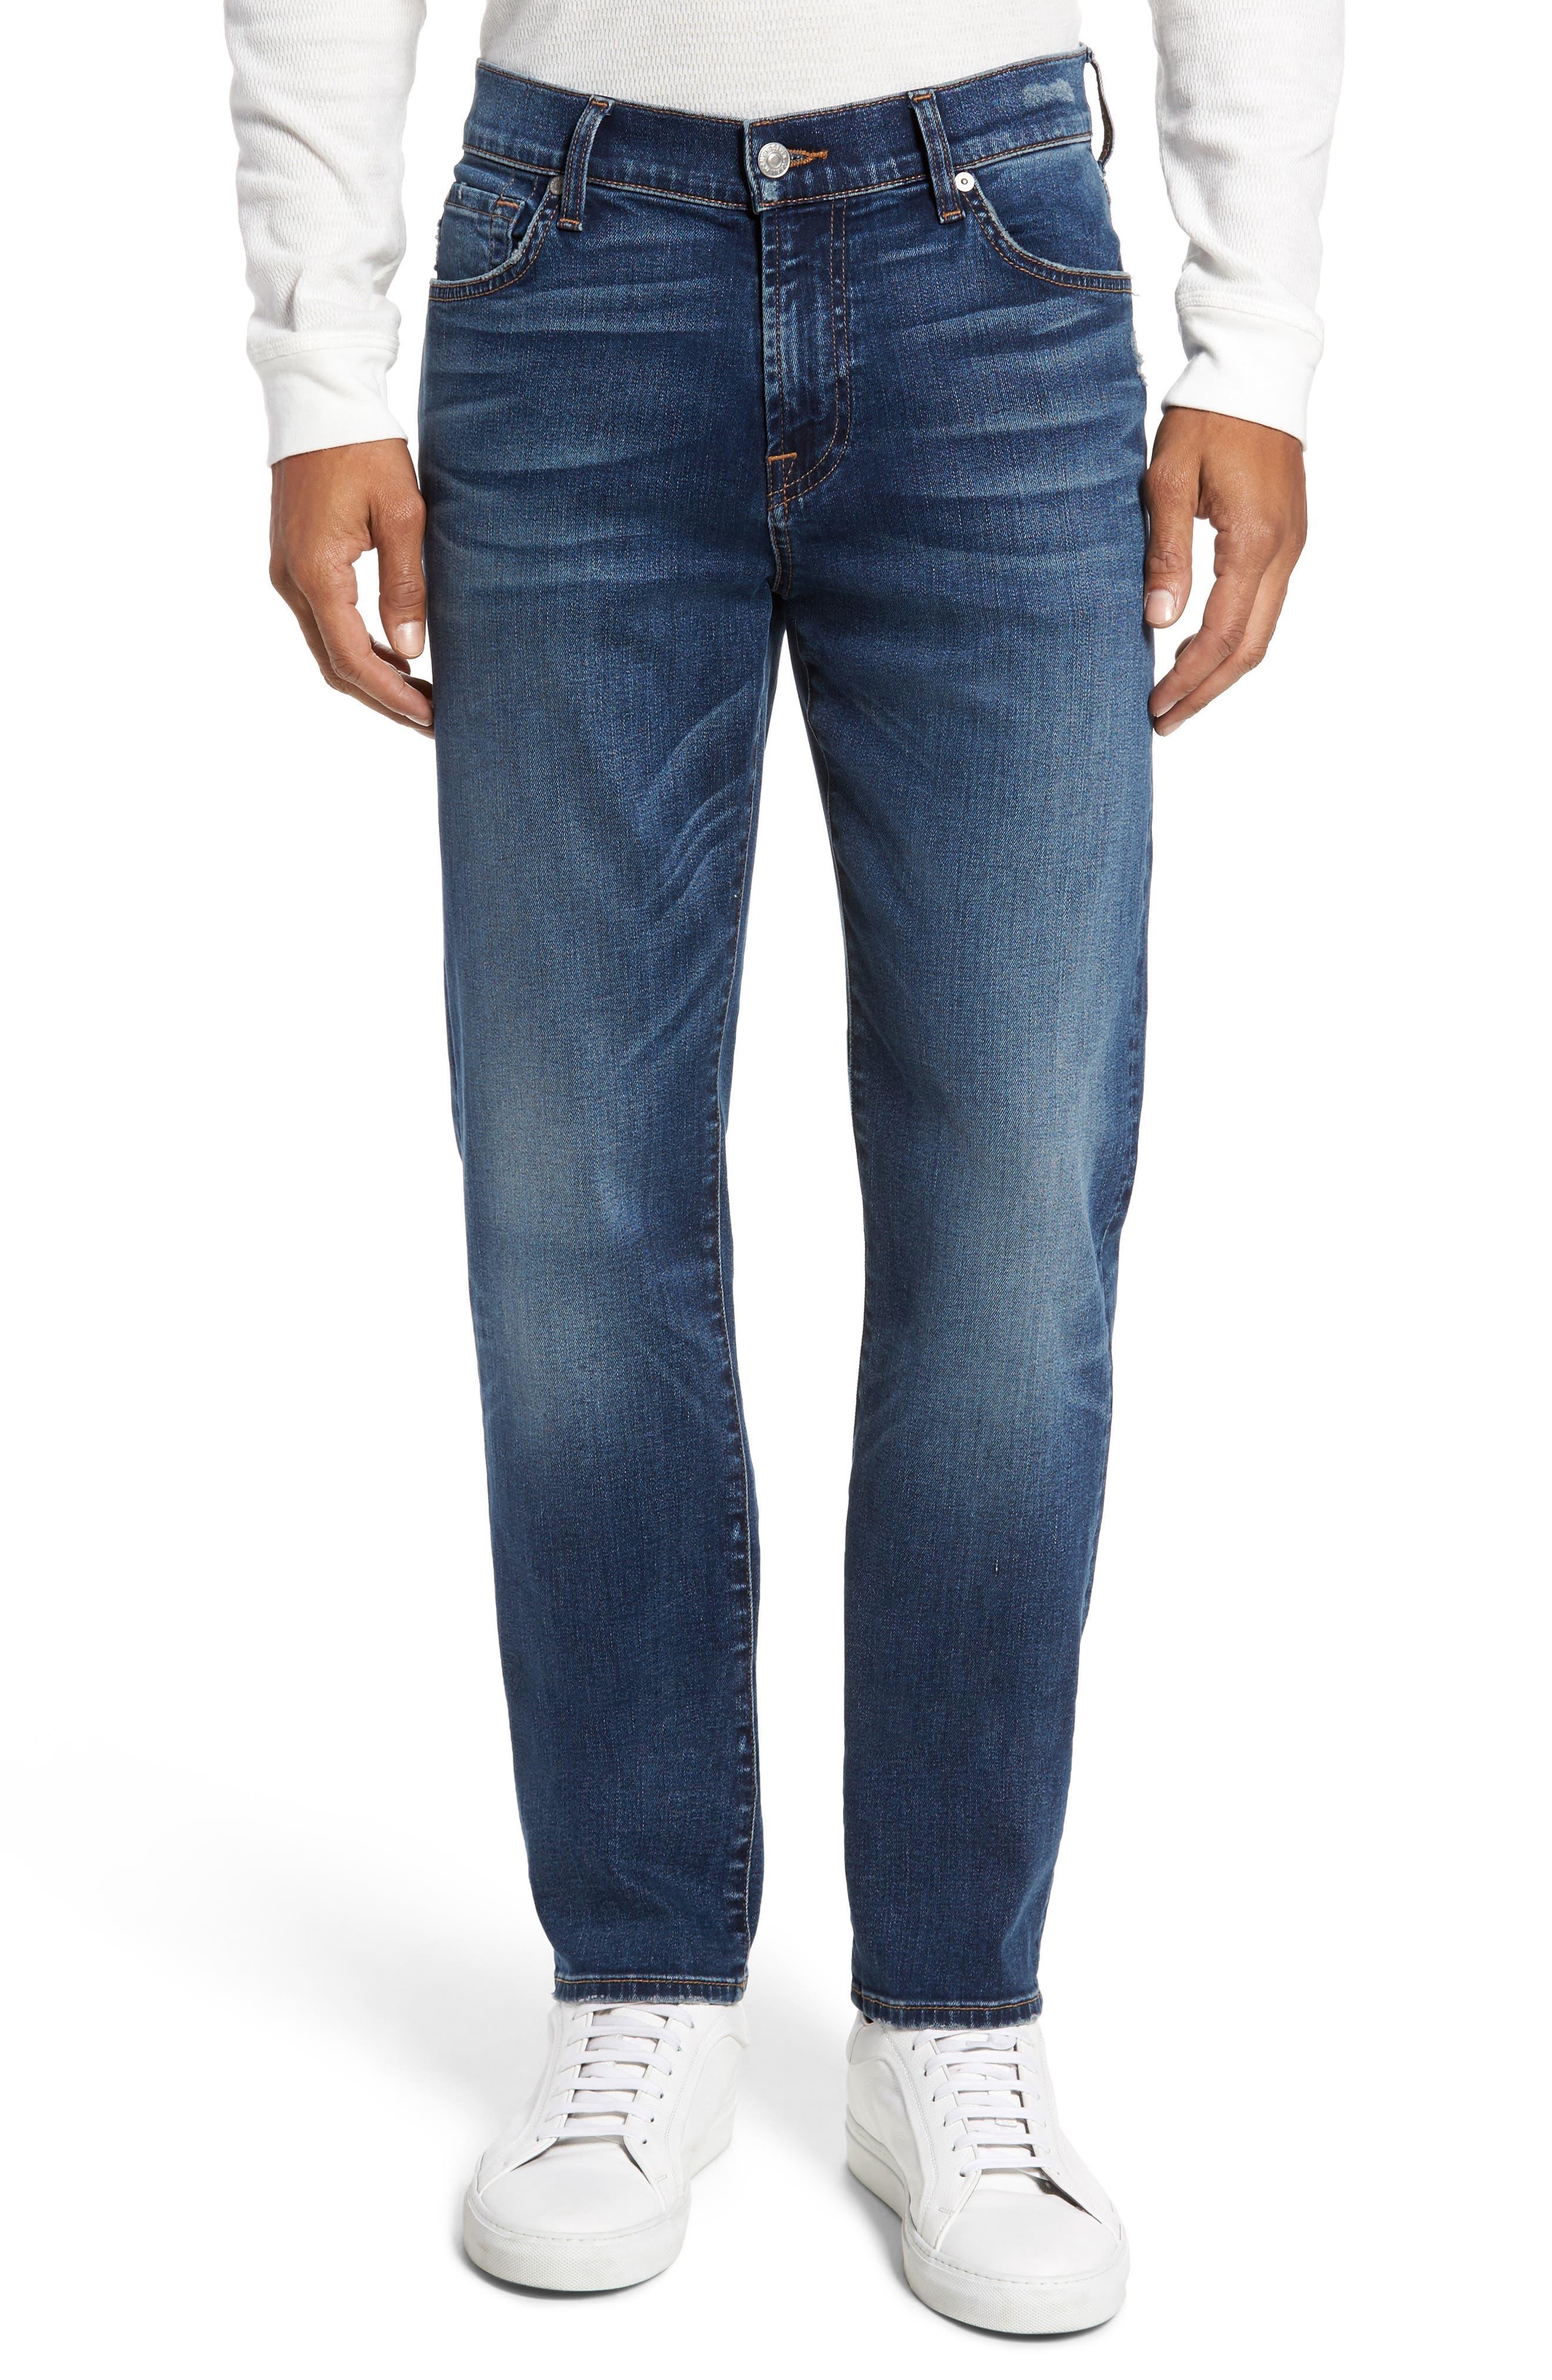 Slimmy Slim Fit Jeans,                         Main,                         color, Union